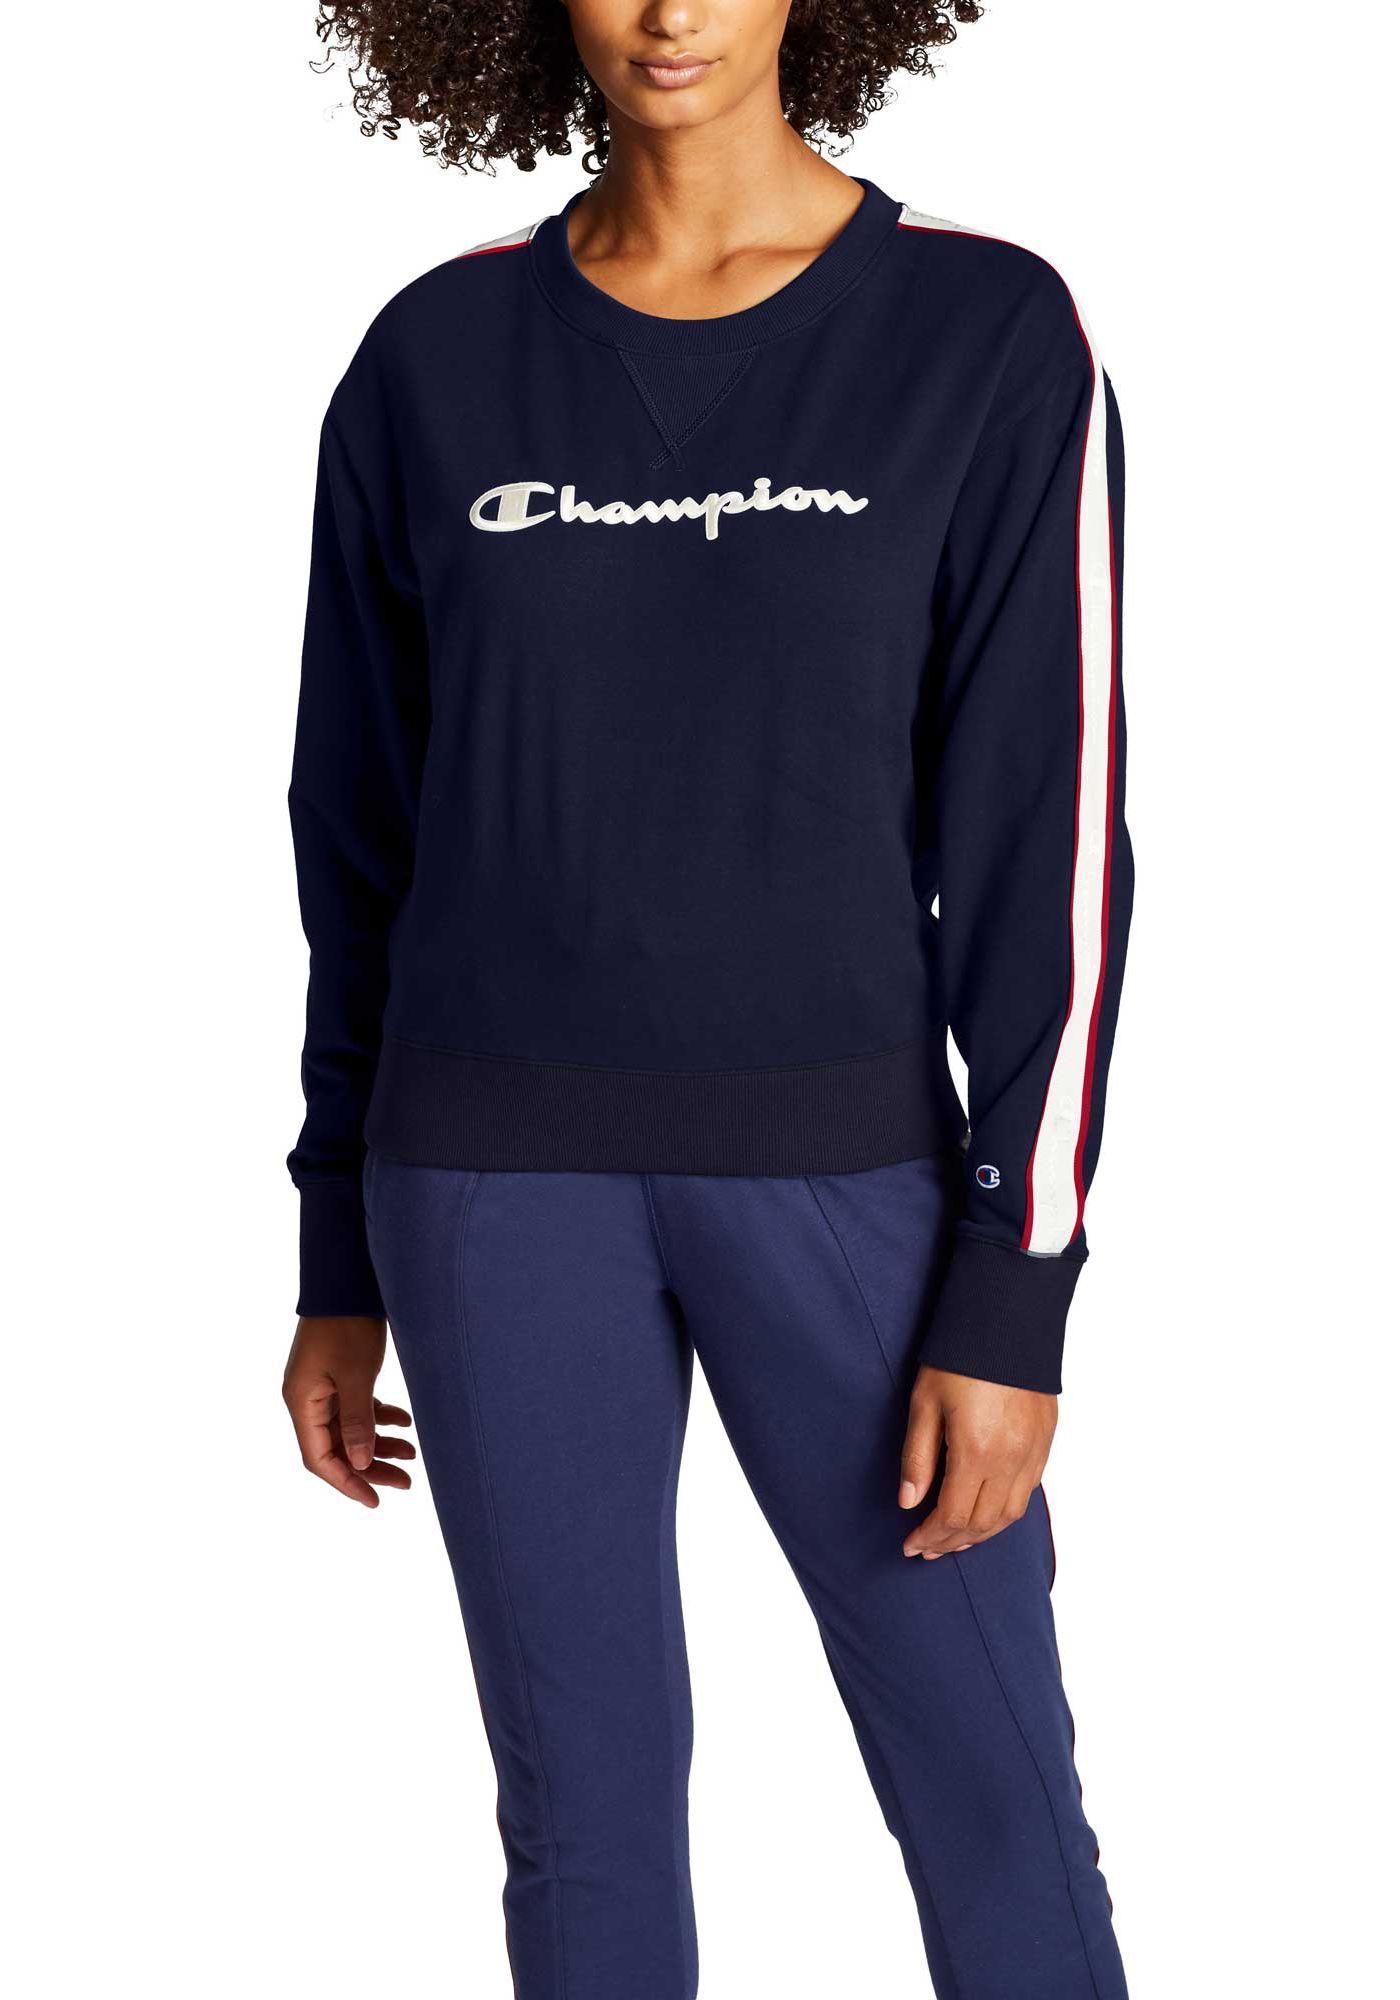 Champion Women's Heritage Crew Fleece Sweatshirt